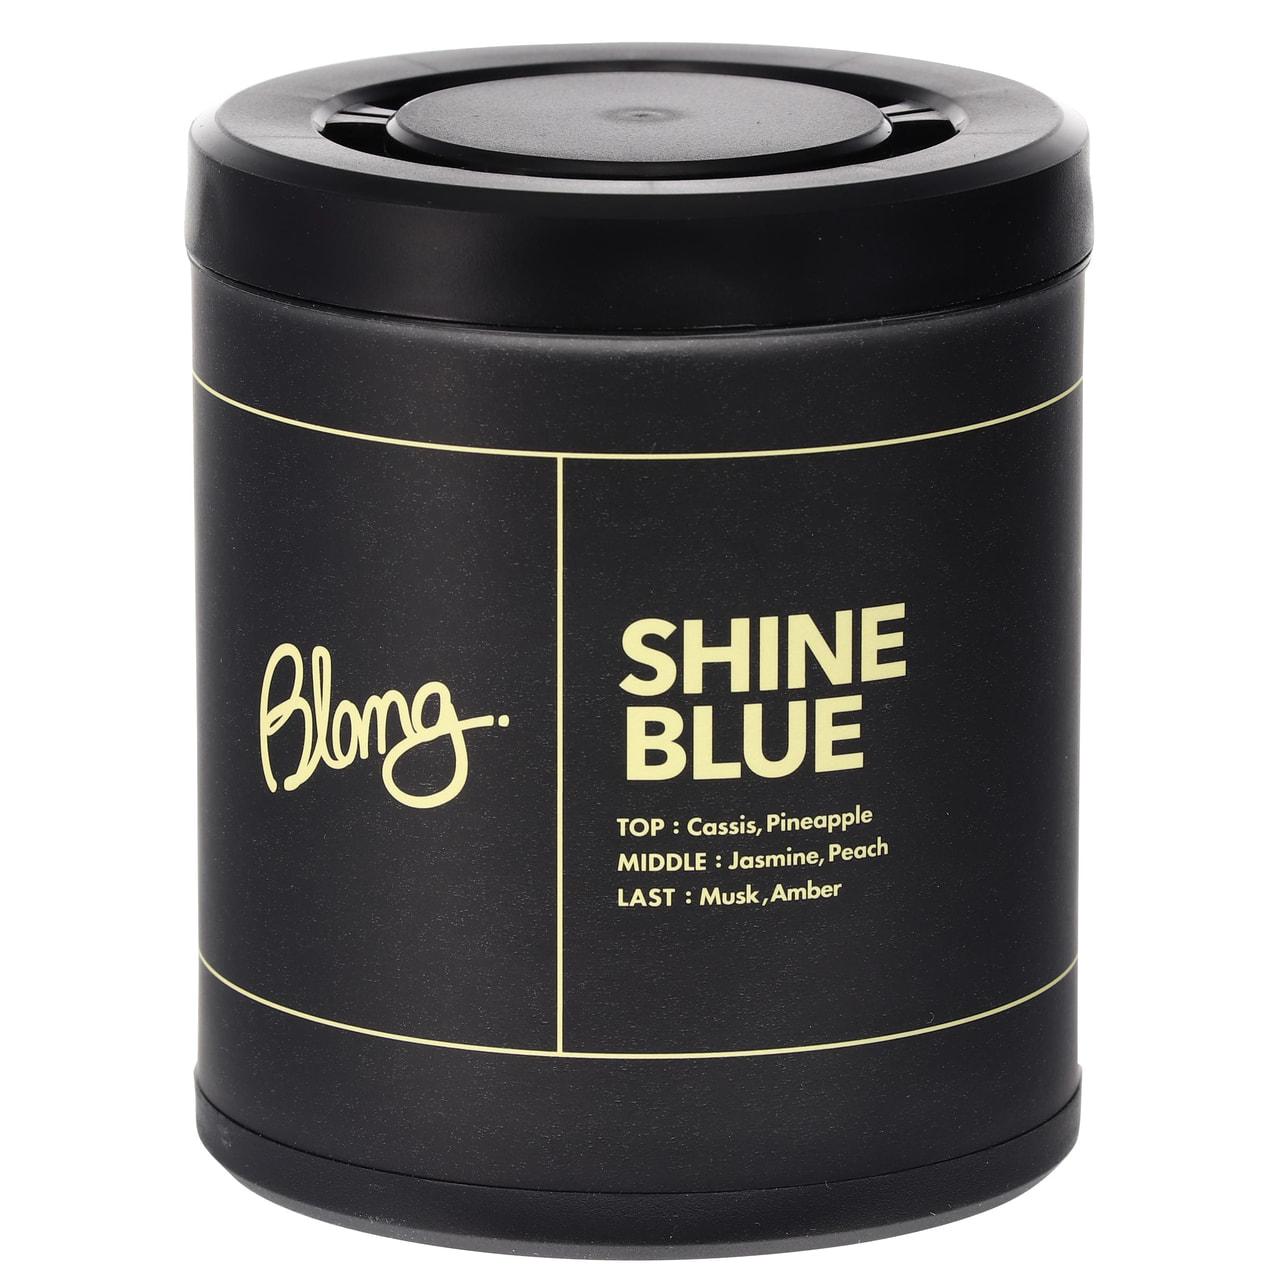 【2021年春 新商品】G1843 ブラング ソリッド DH シャインブルー